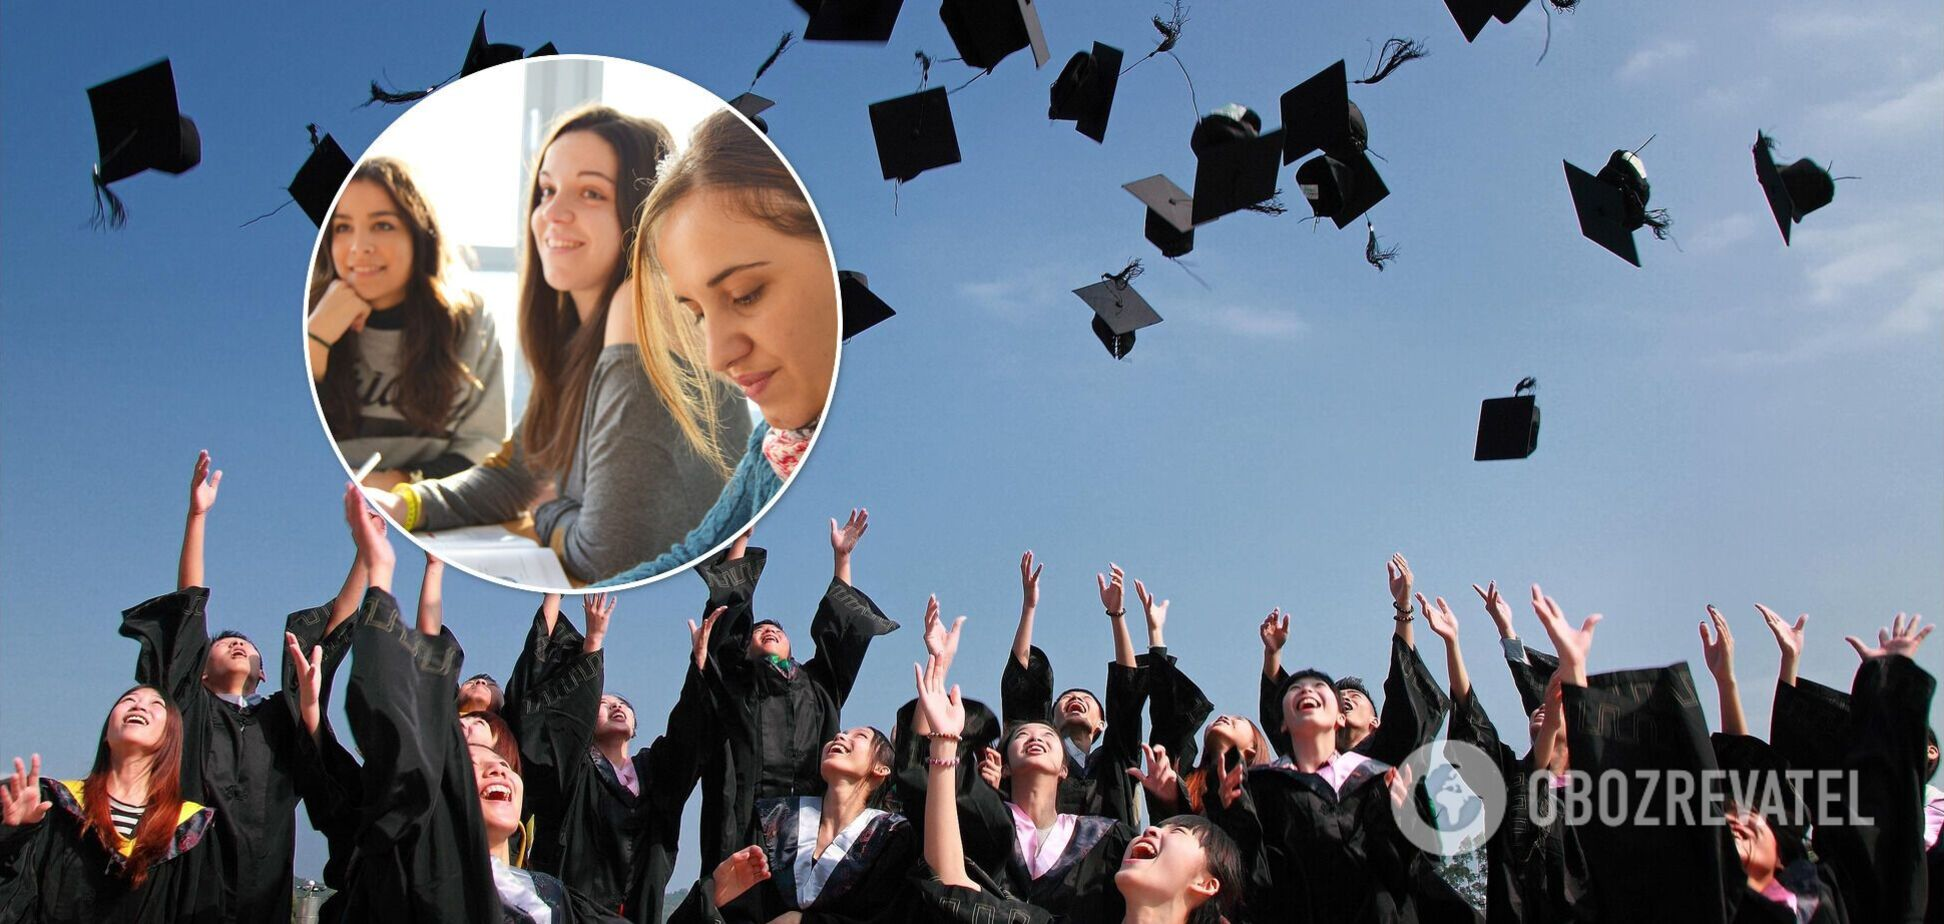 Держатестацію учні можуть пройти за бажанням